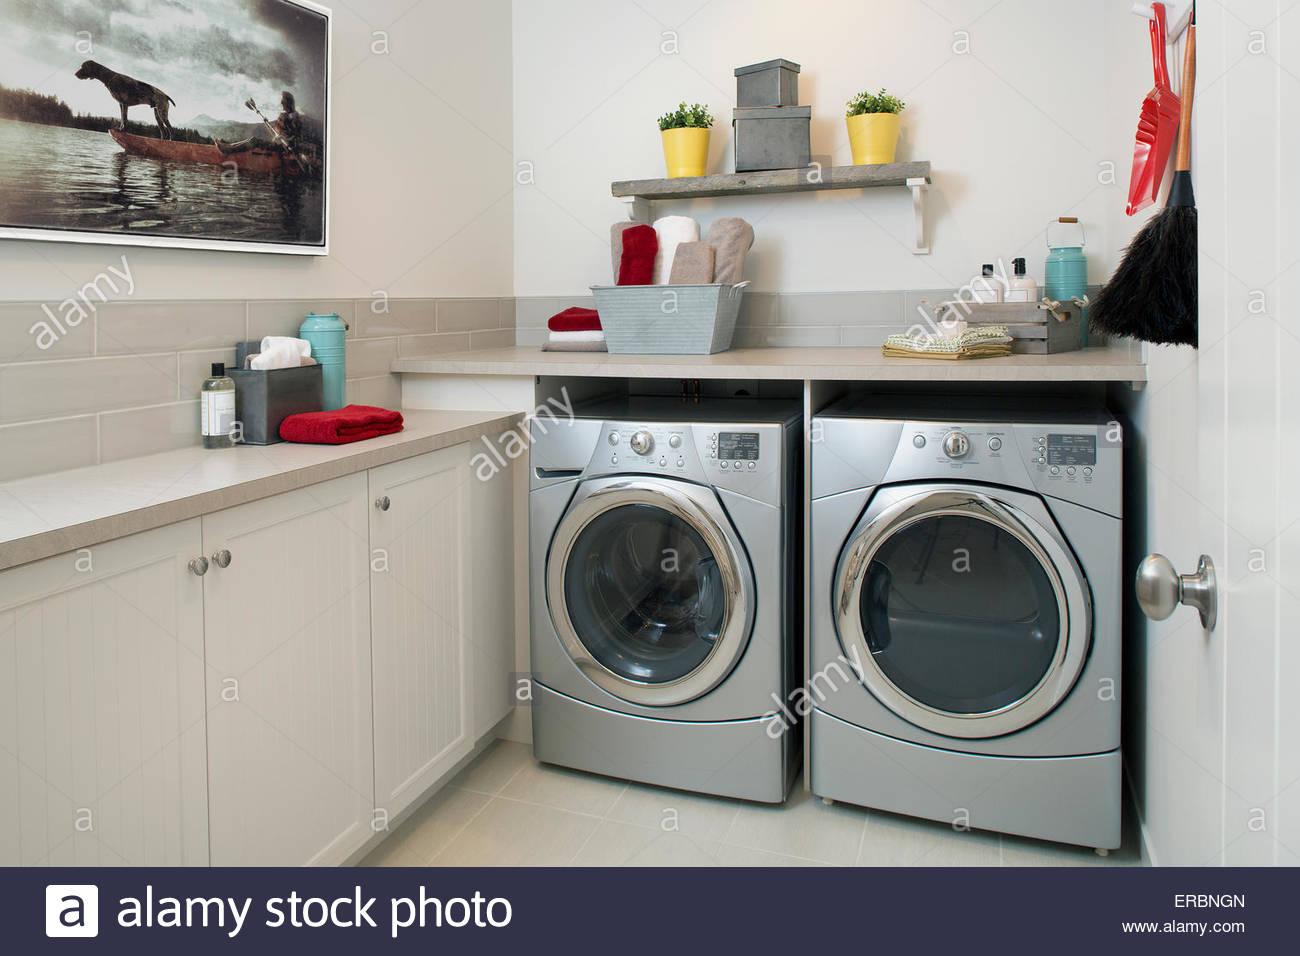 Efficacité énergétique des lave-linge et sèche-linge buanderie Photo Stock